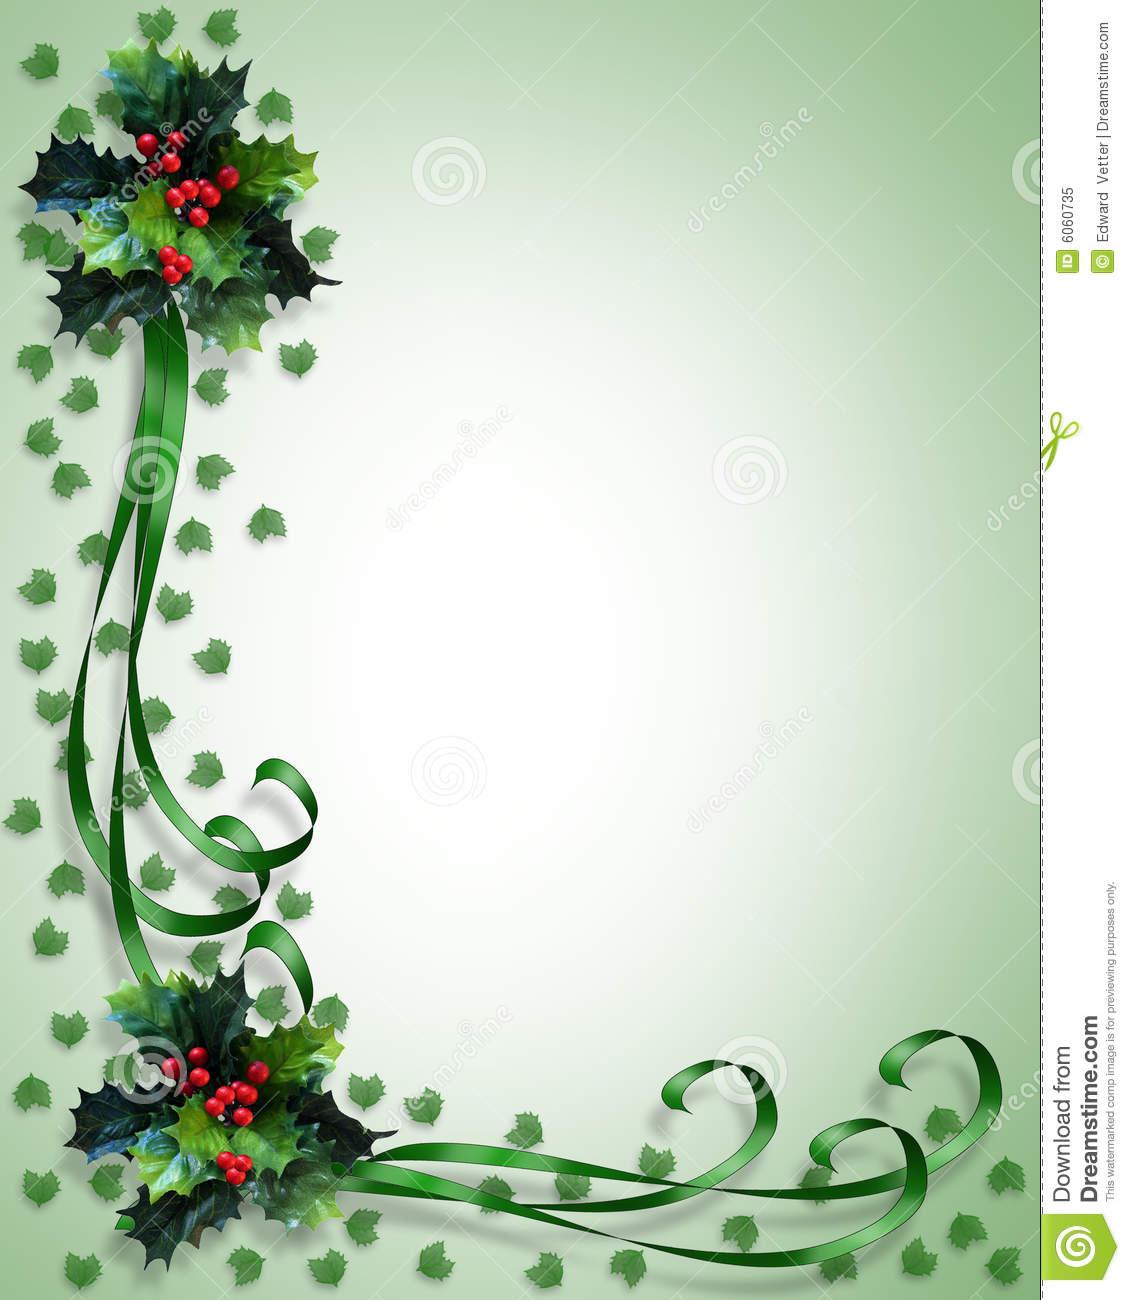 Christmas Border Holly And Ribbons Stock Illustration - Illustration - Free Printable Christmas Backgrounds